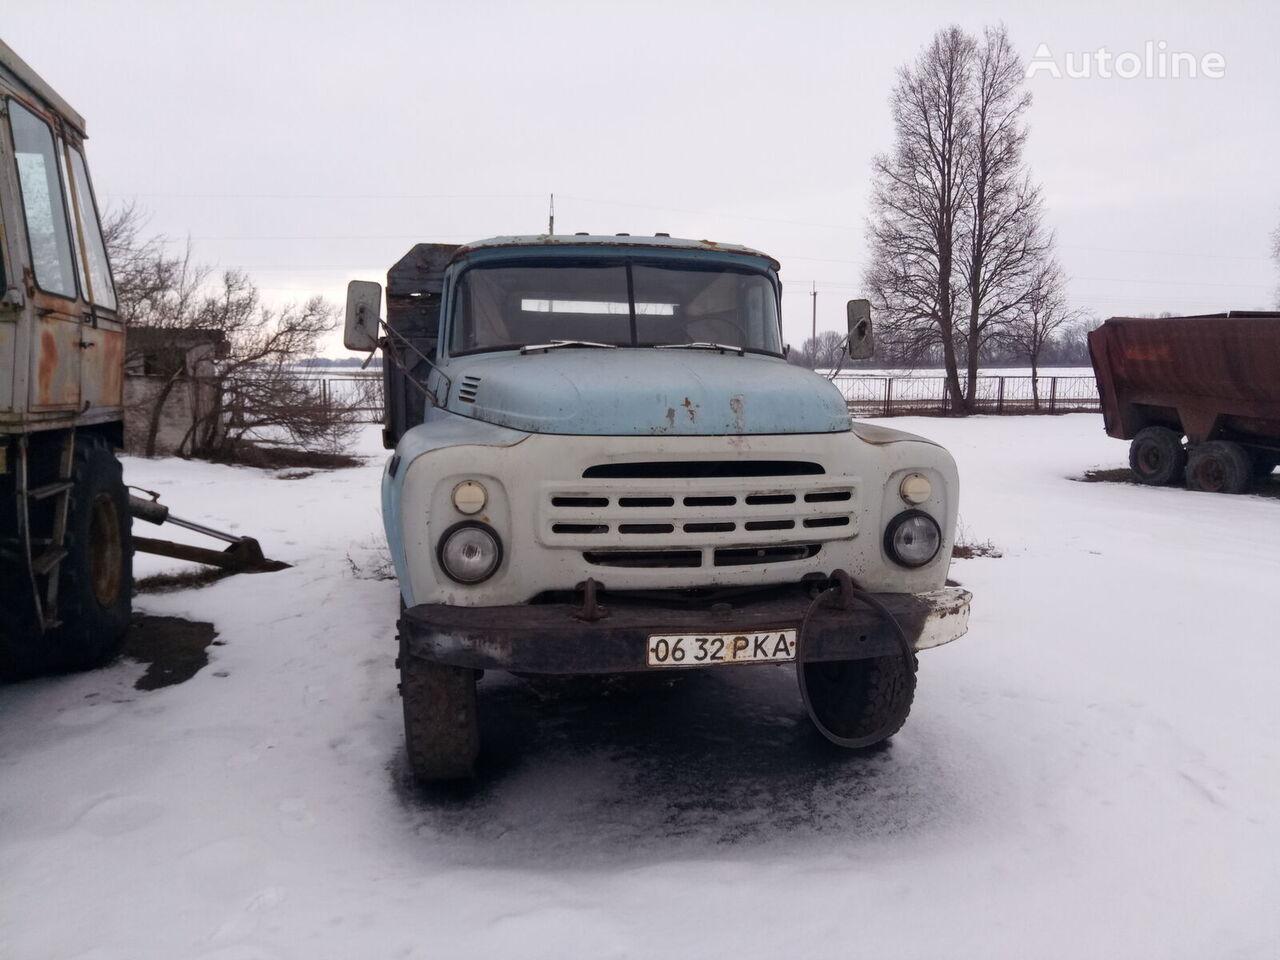 Купити бортову вантажiвку ЗИЛ 431412 Україна Золотоноша, GZ20815